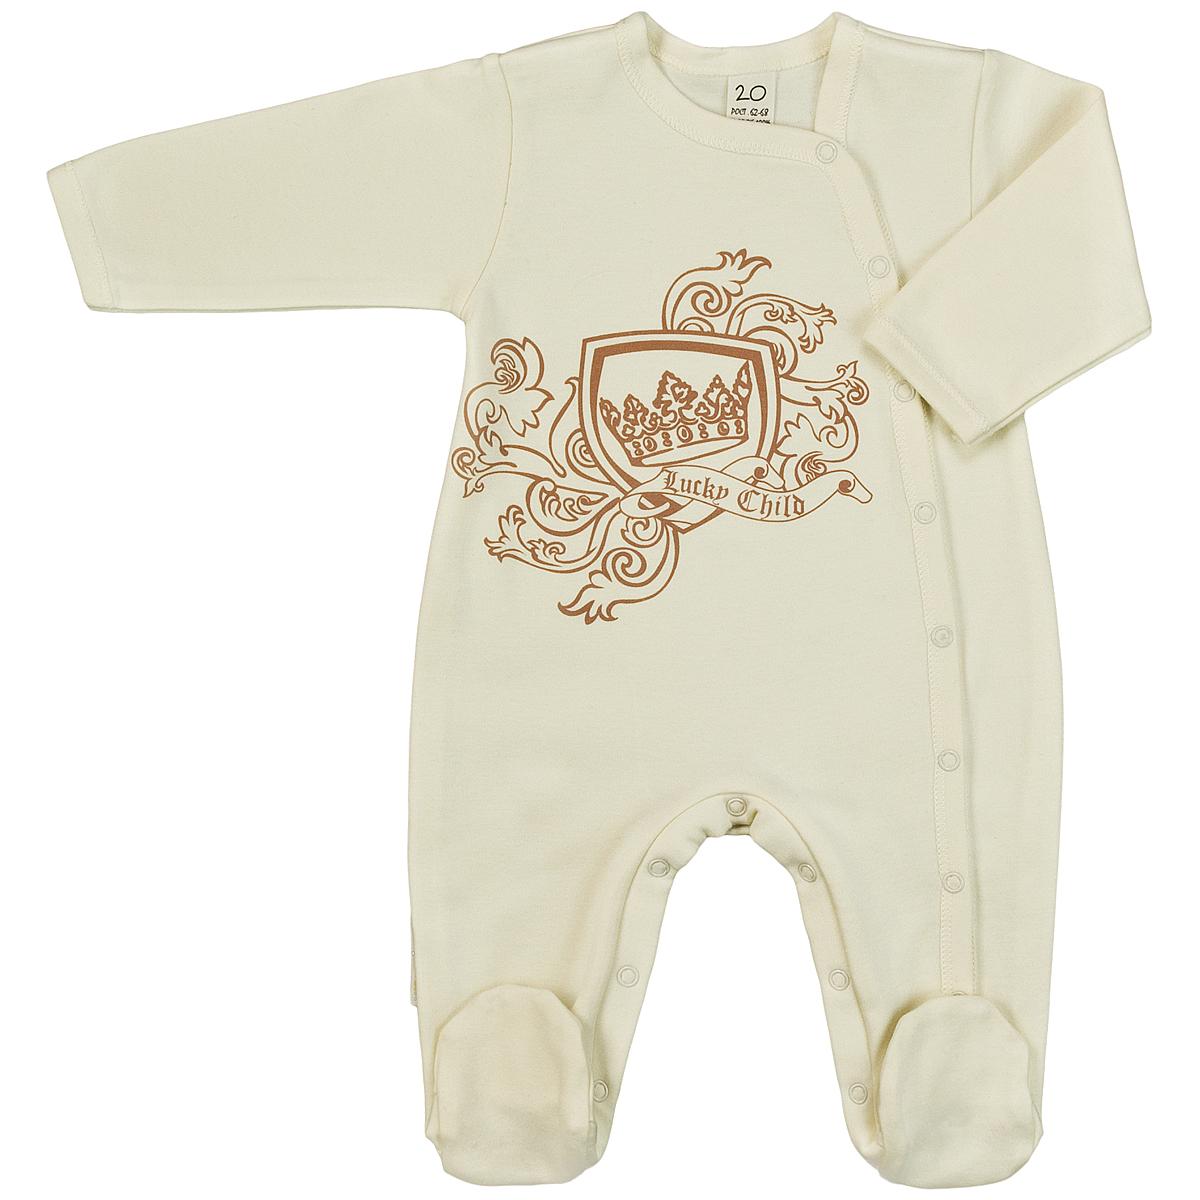 Комбинезон детский Lucky Child, цвет: экрю. 6-16. Размер 80/866-16Детский комбинезон Lucky Child - очень удобный и практичный вид одежды для малышей. Комбинезон выполнен из интерлока - натурального хлопка, благодаря чему он необычайно мягкий и приятный на ощупь, не раздражают нежную кожу ребенка и хорошо вентилируются, а эластичные швы приятны телу малыша и не препятствуют его движениям. Комбинезон с длинными рукавами и закрытыми ножками имеет асимметричные застежки-кнопки от горловины до щиколотки, которые помогают легко переодеть младенца или сменить подгузник. На груди он оформлен оригинальным принтом в виде логотипа бренда. С детским комбинезоном Lucky Child спинка и ножки вашего малыша всегда будут в тепле, он идеален для использования днем и незаменим ночью. Комбинезон полностью соответствует особенностям жизни младенца в ранний период, не стесняя и не ограничивая его в движениях!